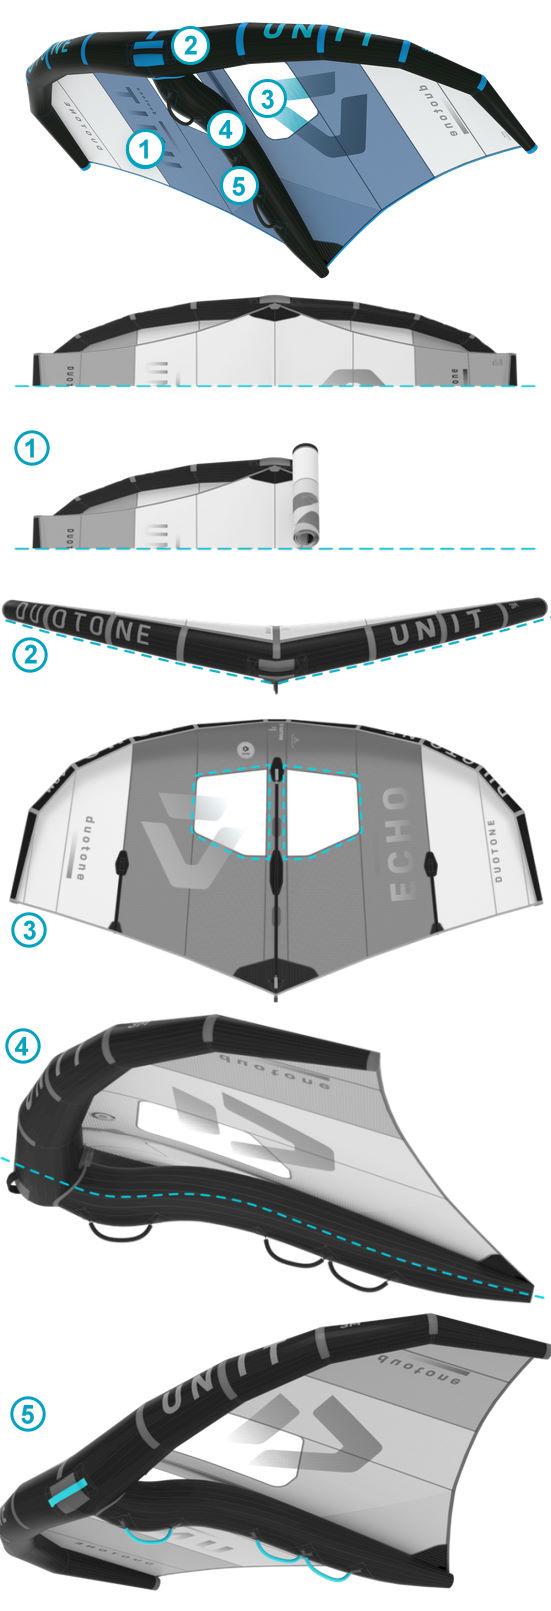 Duotone Unit Foil Wing features